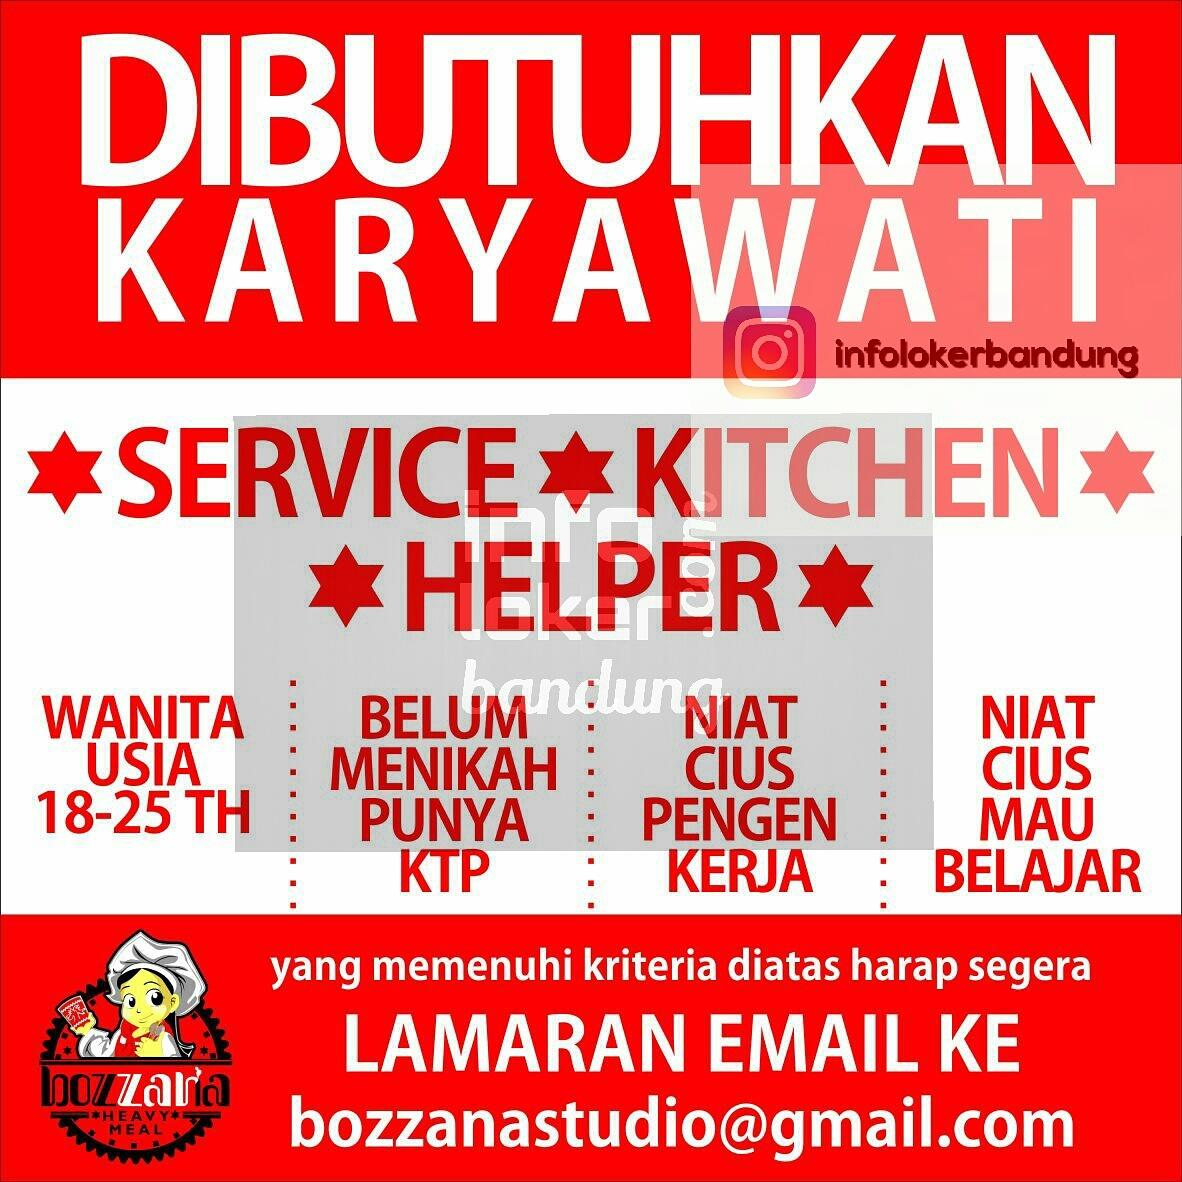 Lowongan Kerja Bozzana Heavy Meal Bandung Januari 2017